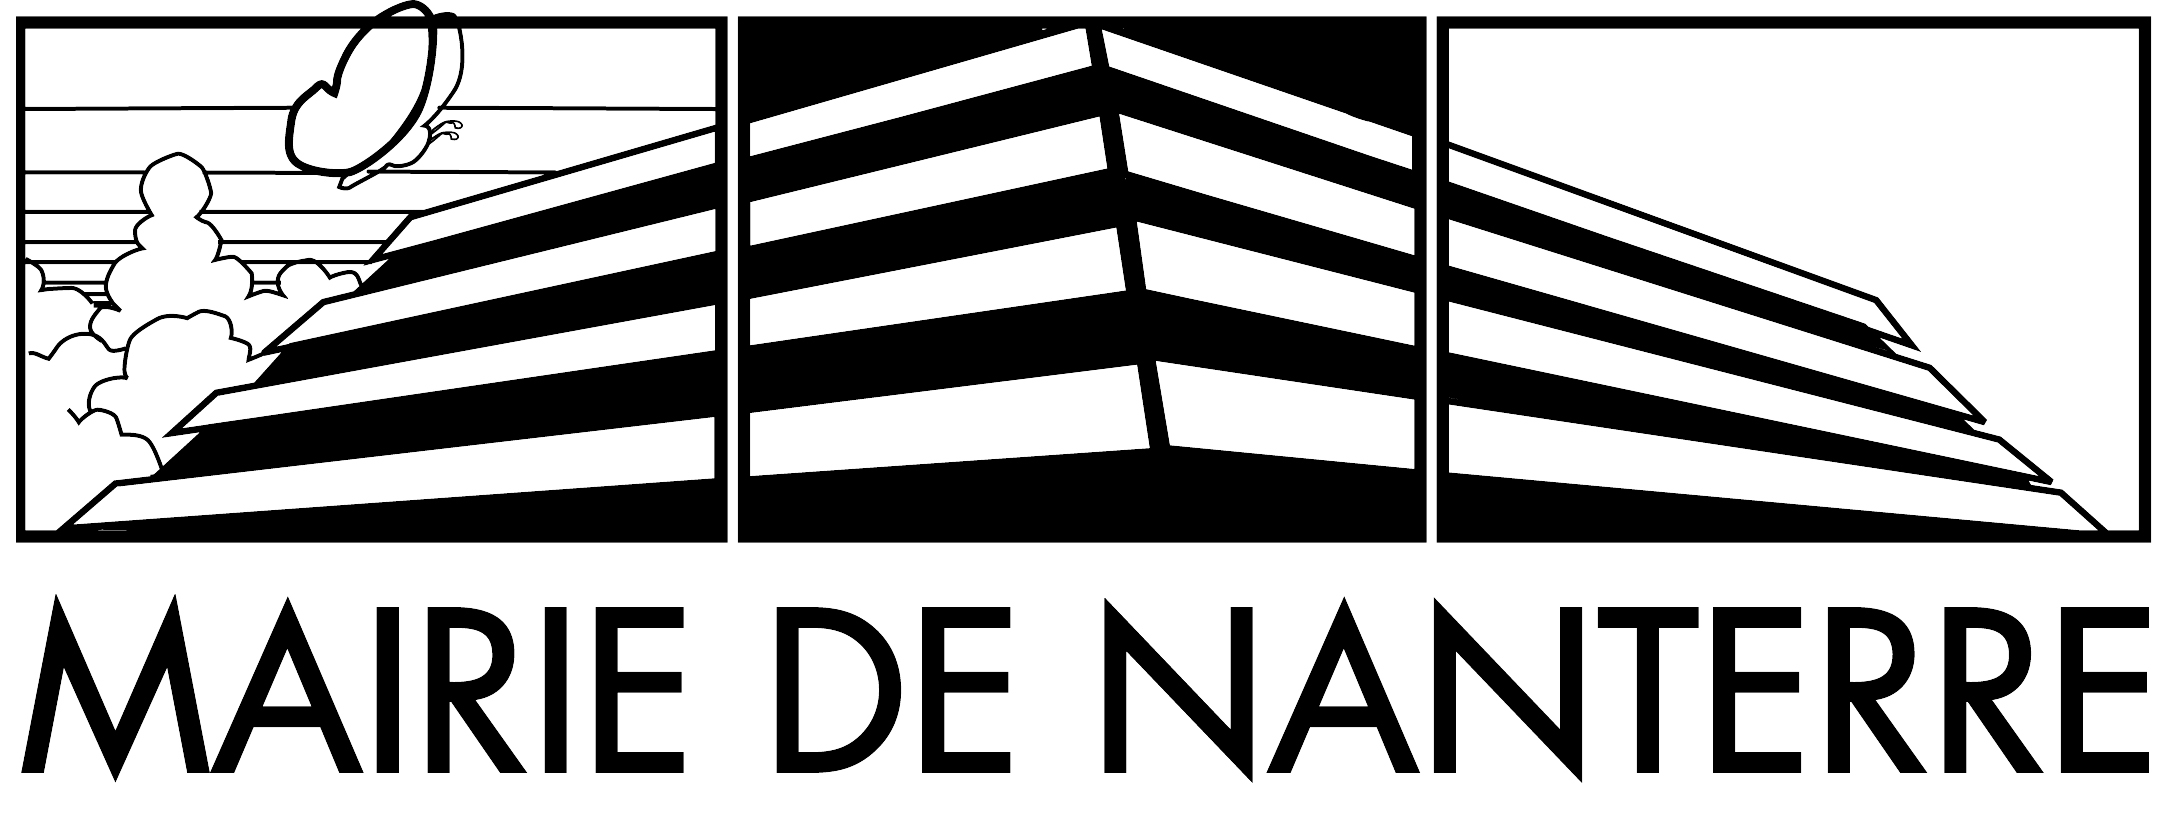 Ville de Nanterre-logo